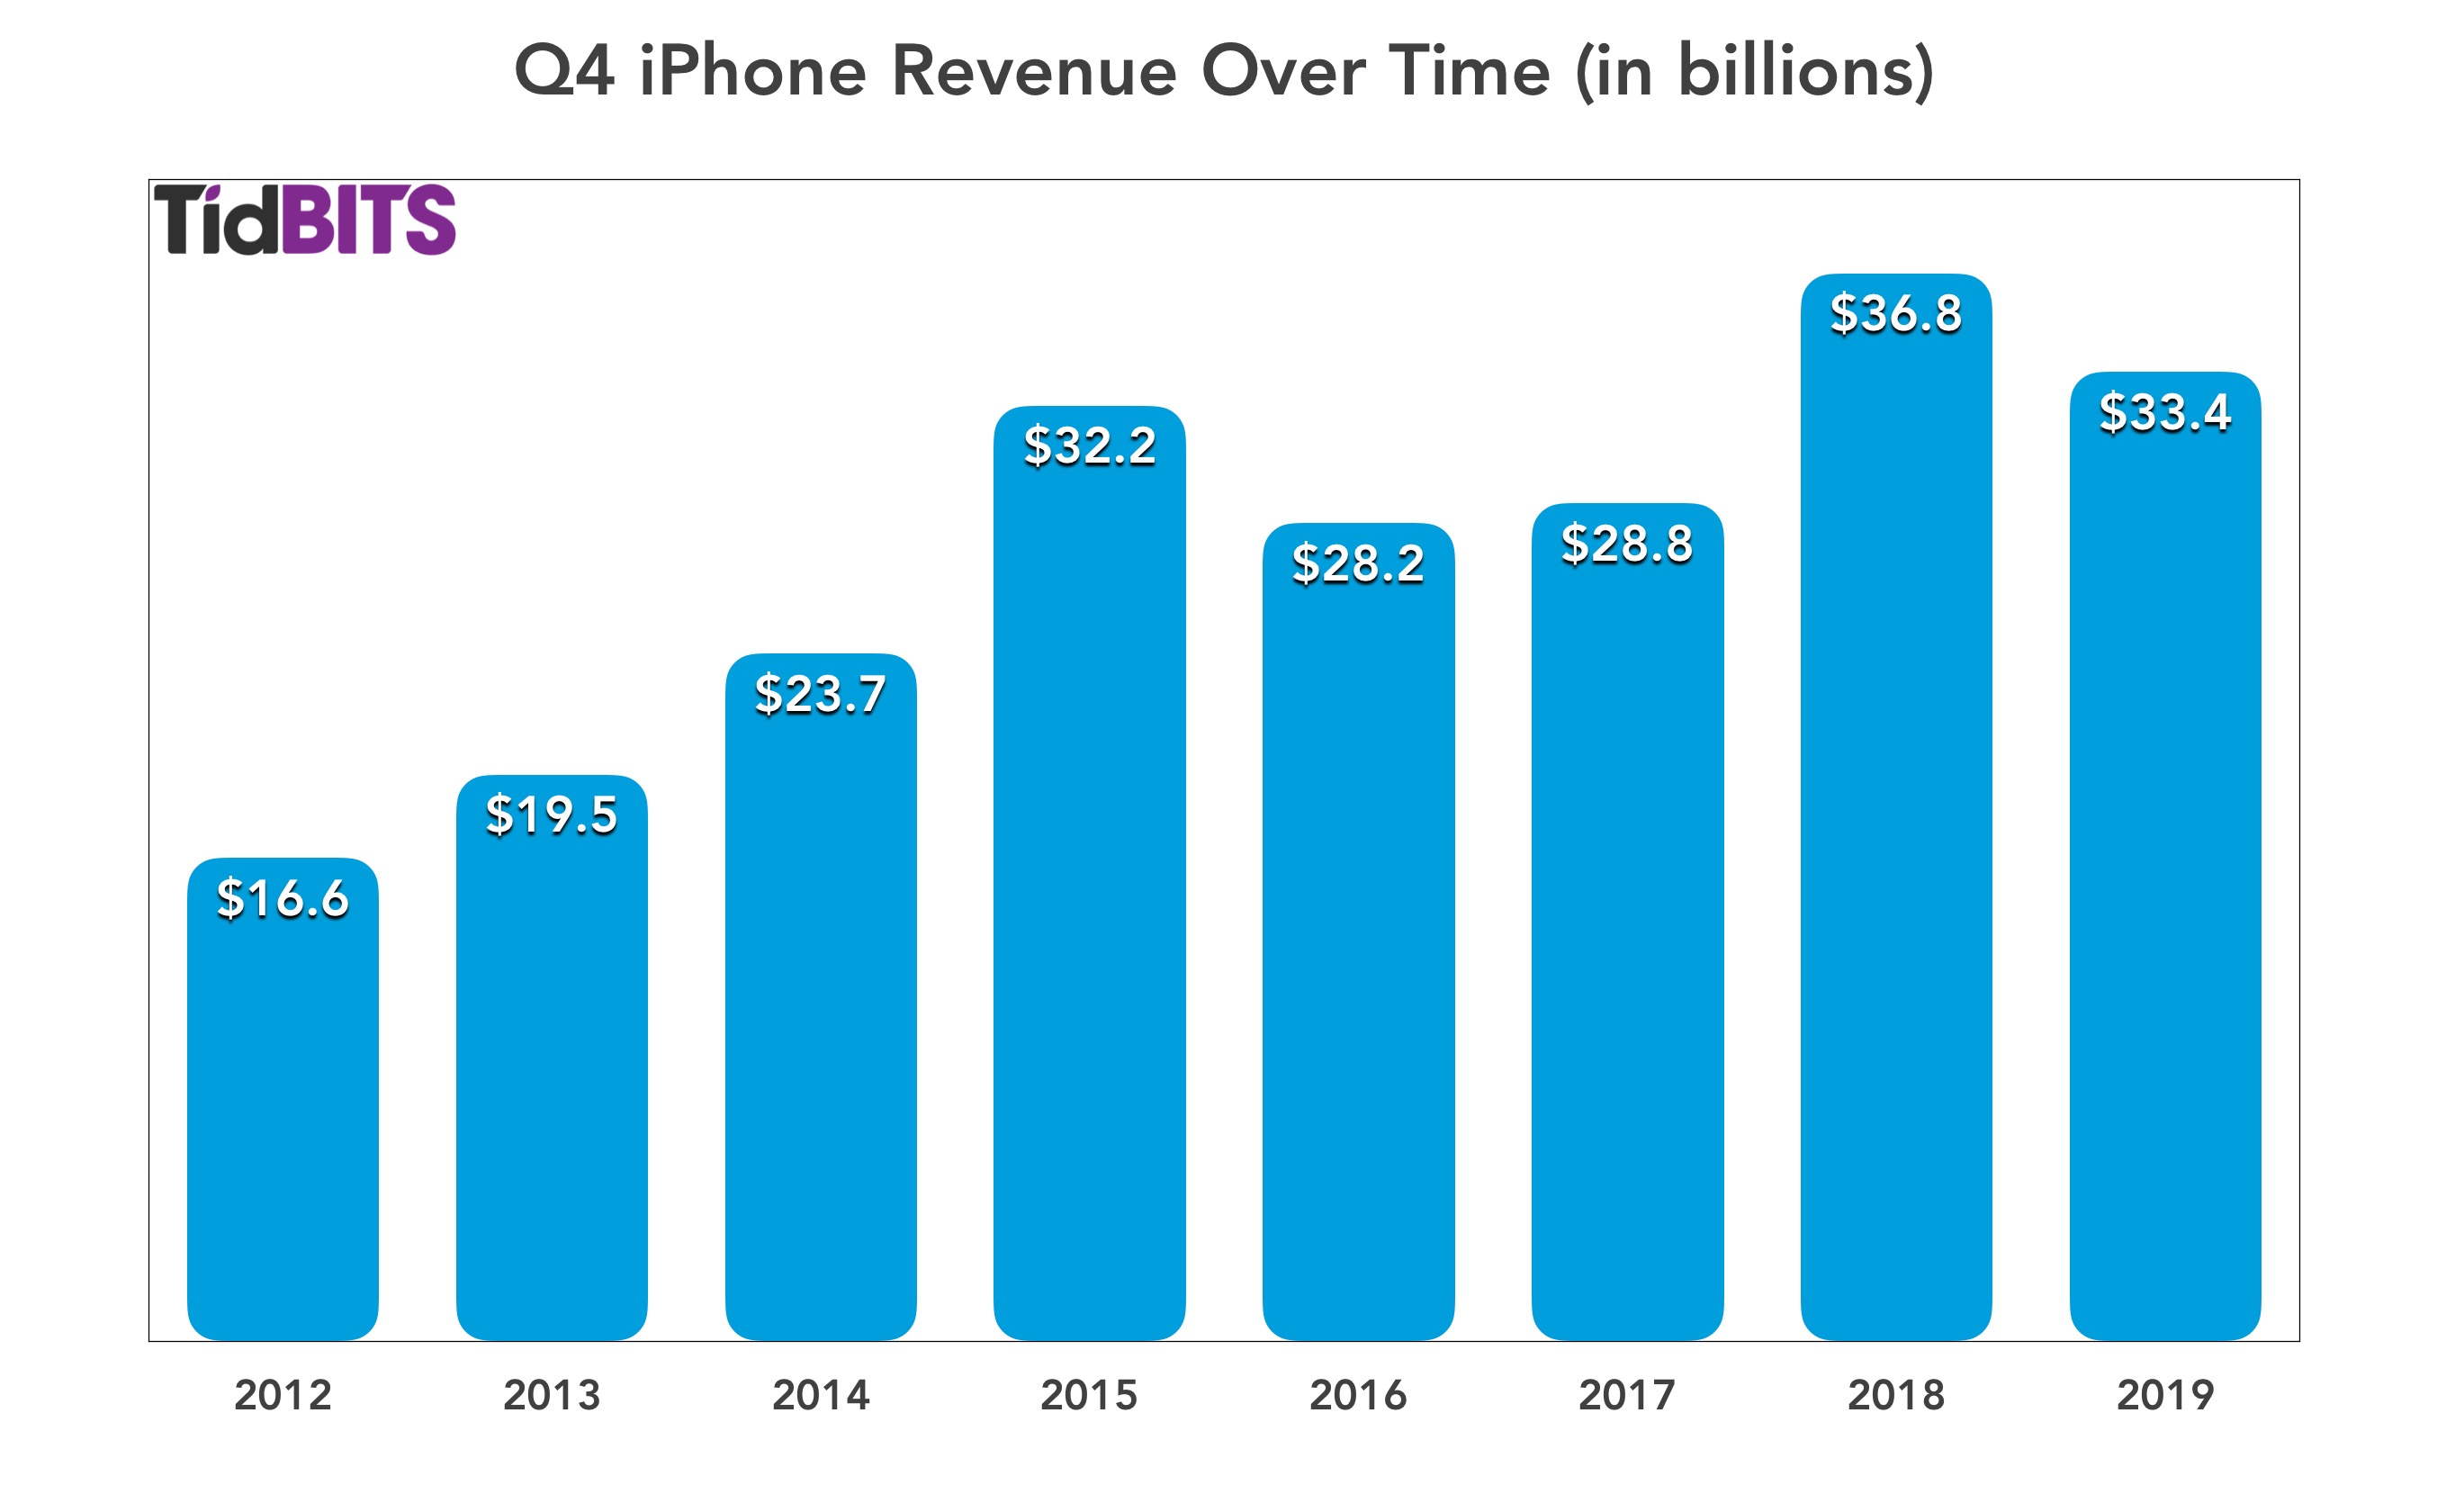 iPhone Q4 revenue over time